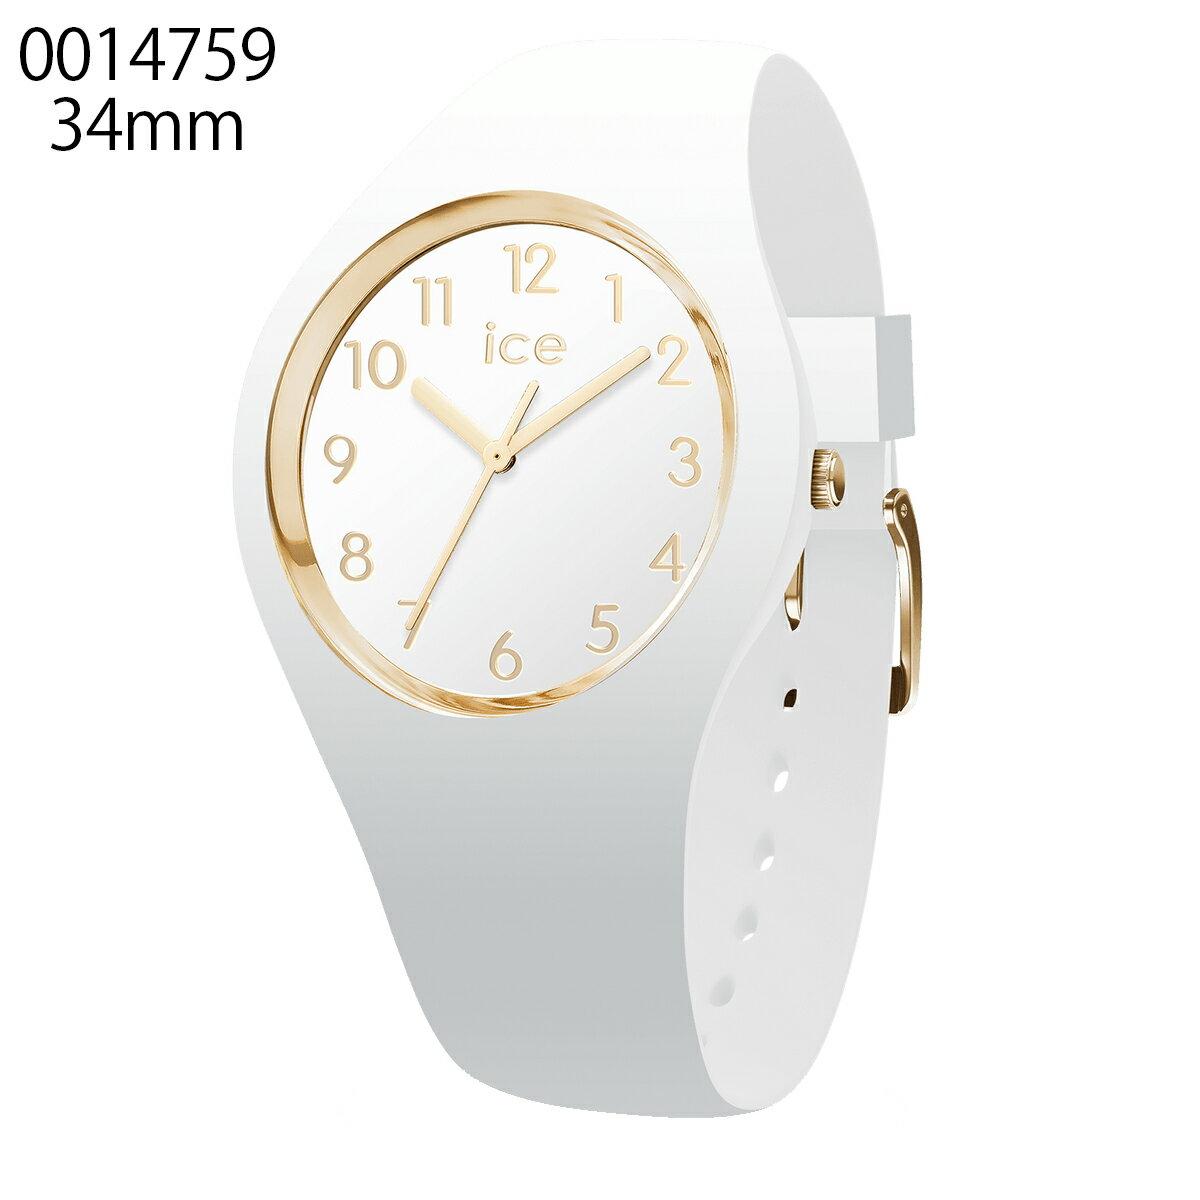 アイスウォッチ ICE-WATCH アイス グラム Ice Glam 014759 レディース 時計 腕時計 クオーツ